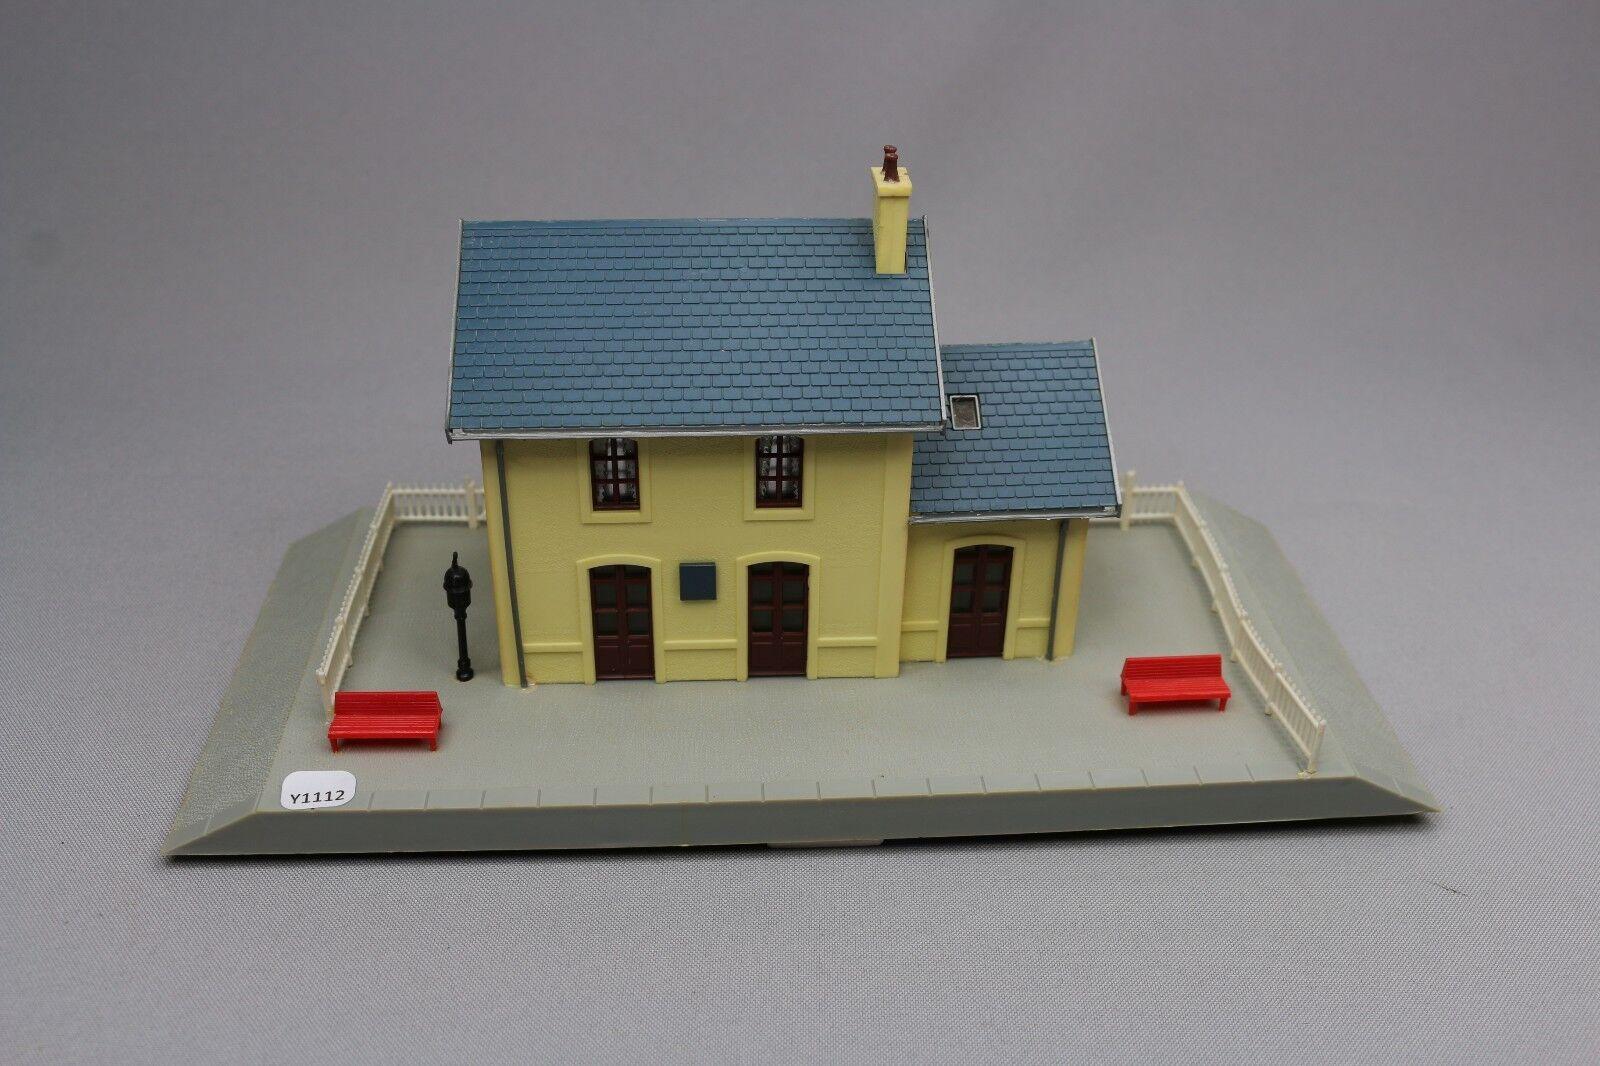 Y1112 Jouef 1985 maquette train Ho 1 87 gare de villeneuve assemblé